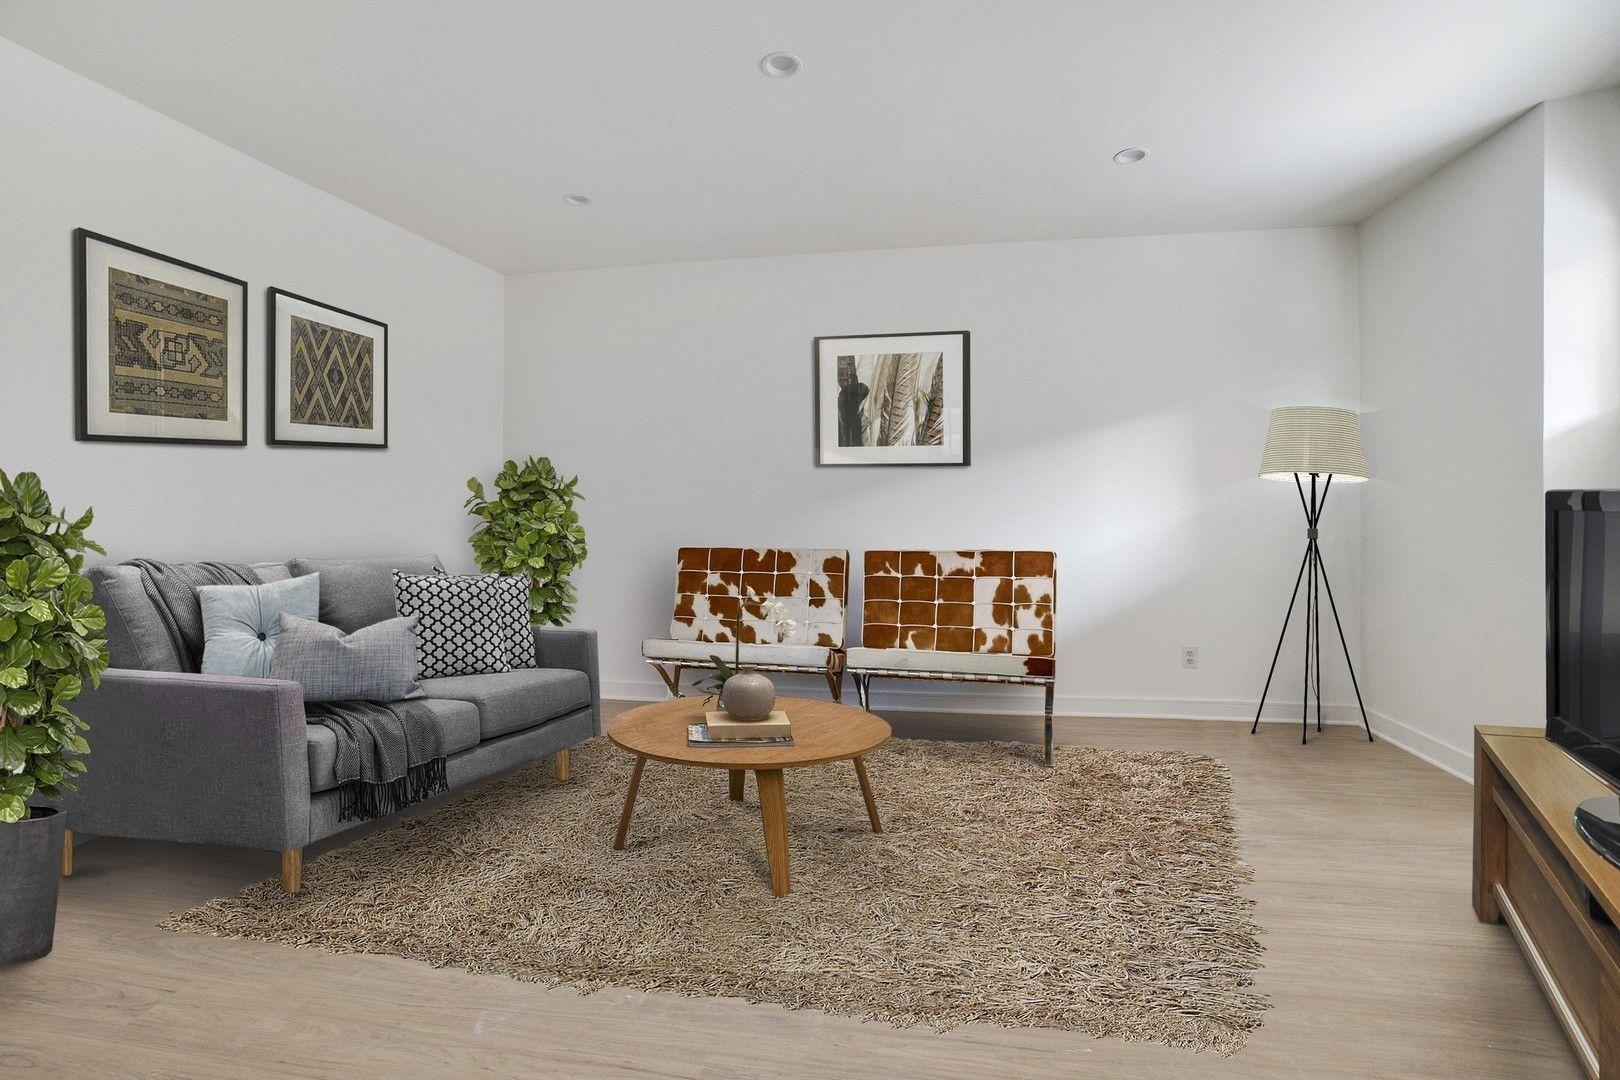 Citra Apartments Rentals Burbank Ca Apartments Com Apartment